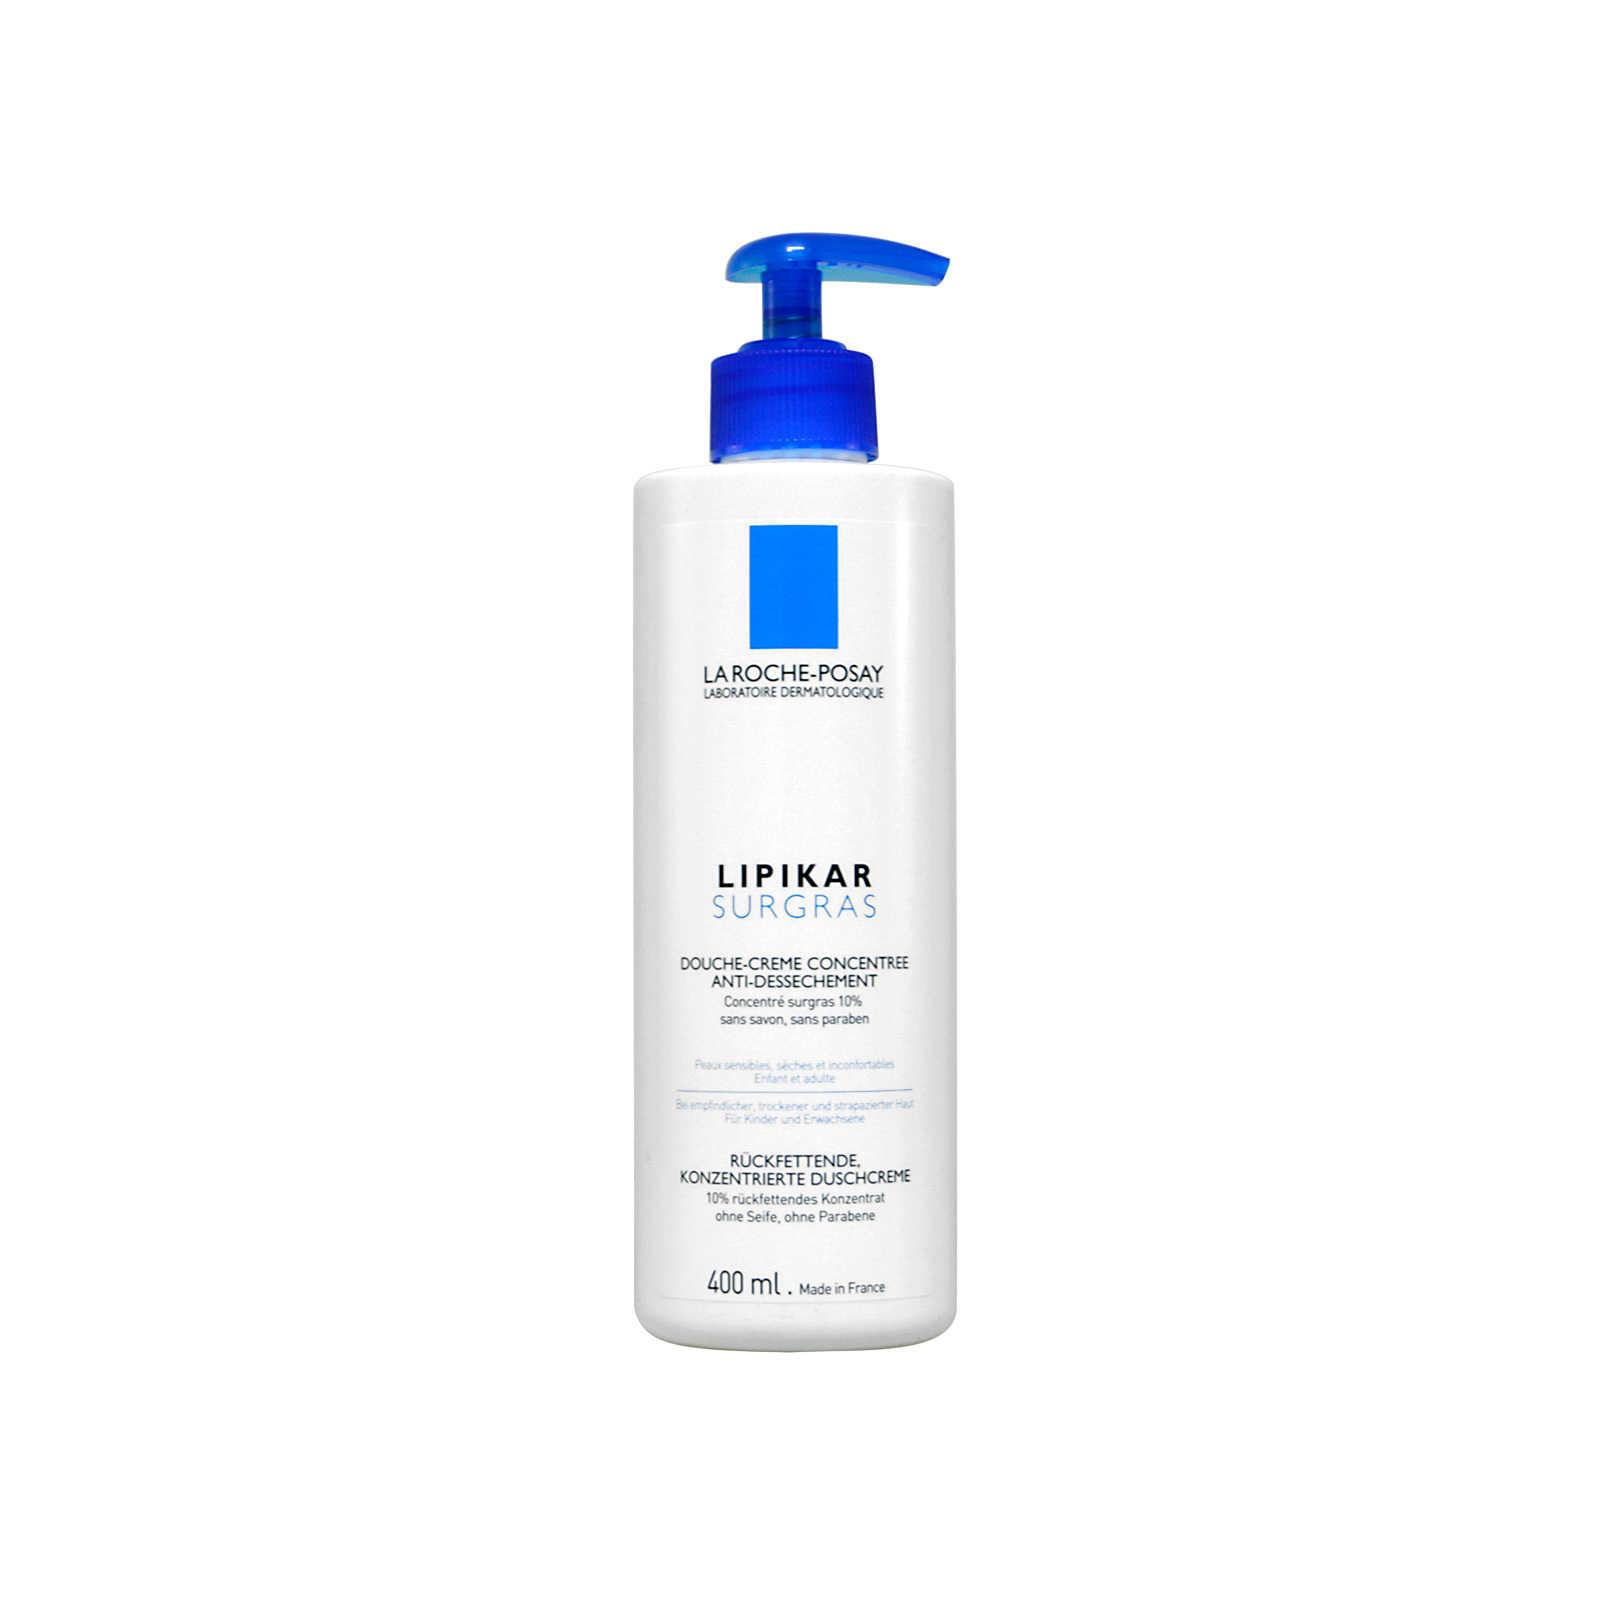 La Roche-posay - Lipikar Surgras - Doccia-crema concentrata